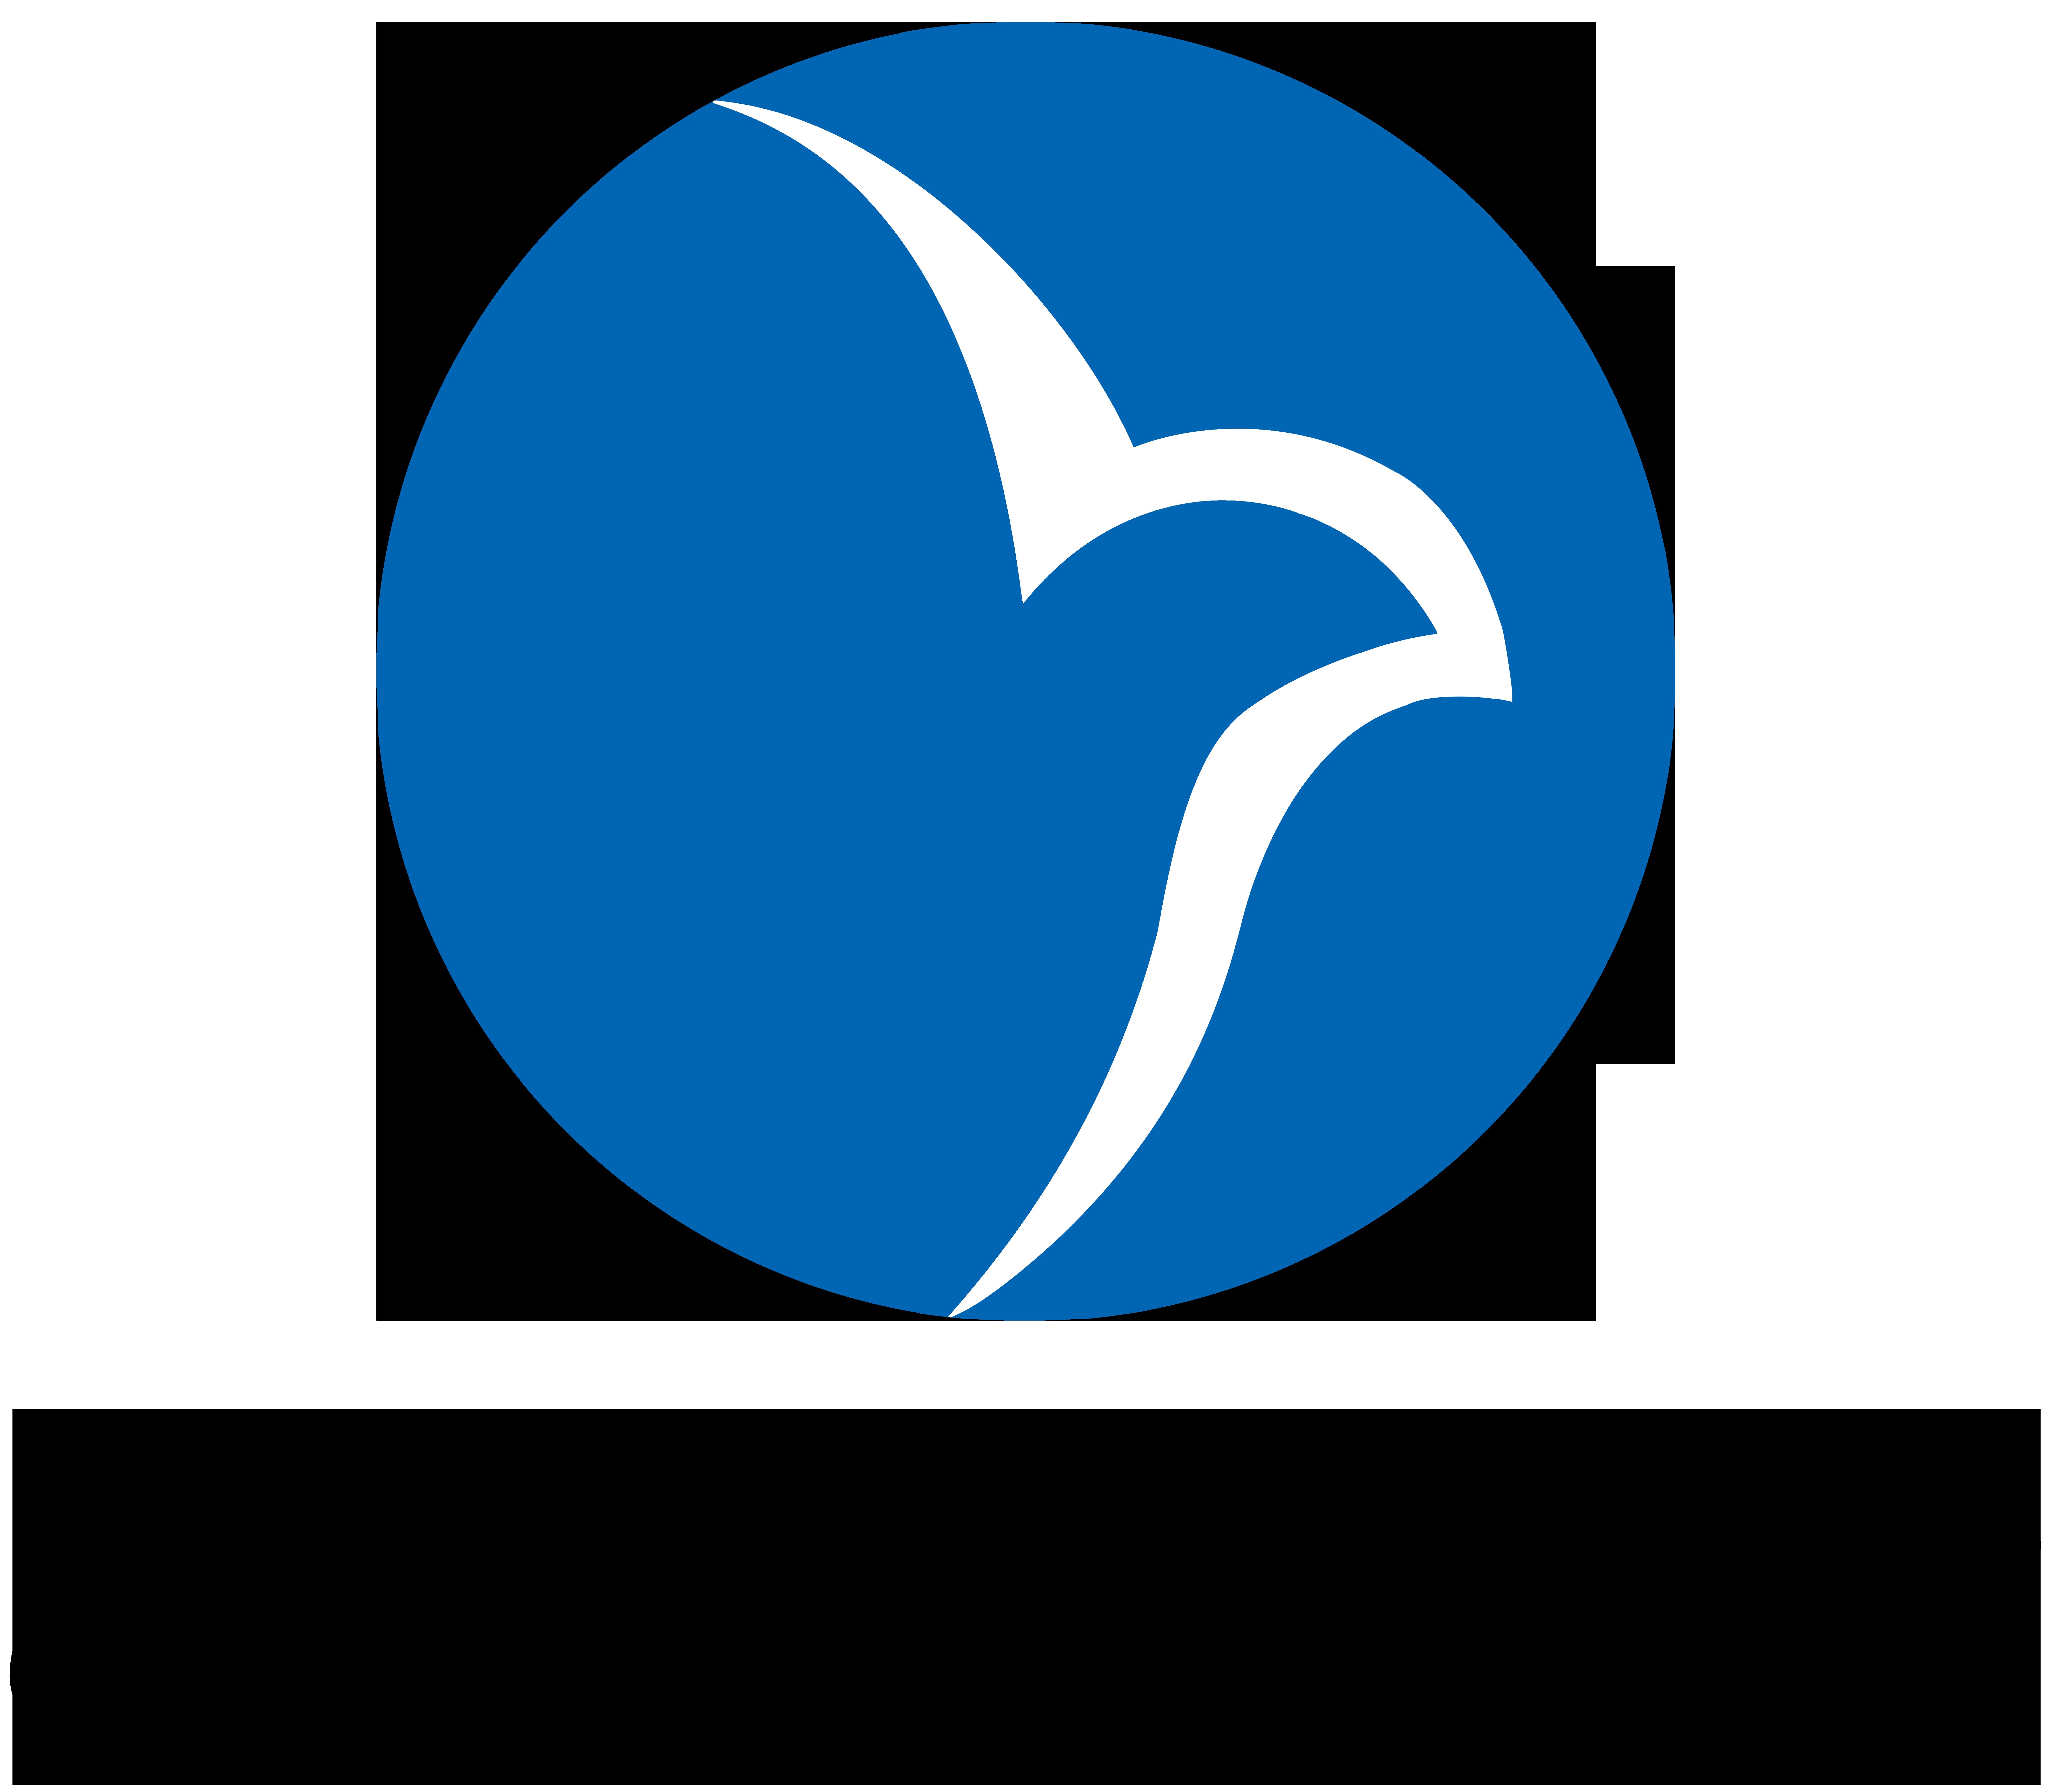 موسسه آموزش نیروی انسانی شهید مهدوی